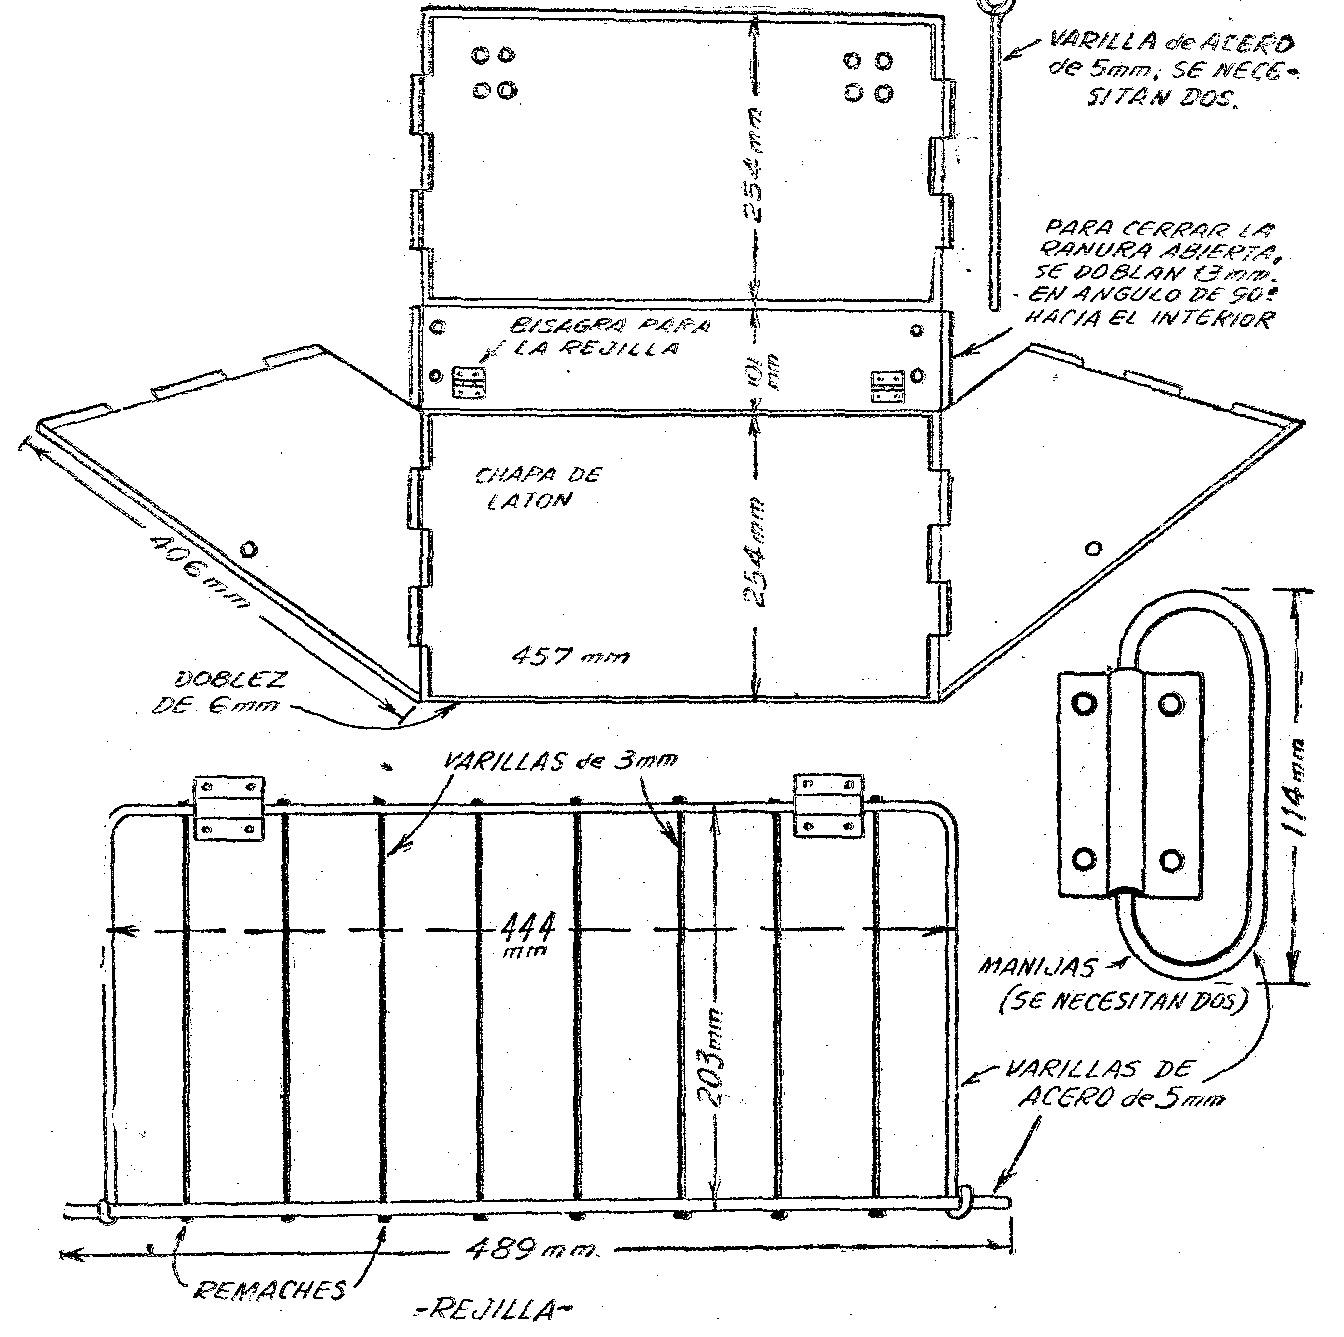 Cocinas rusticas como hacer una cocina ecologica como for Como hacer un plano de una cocina